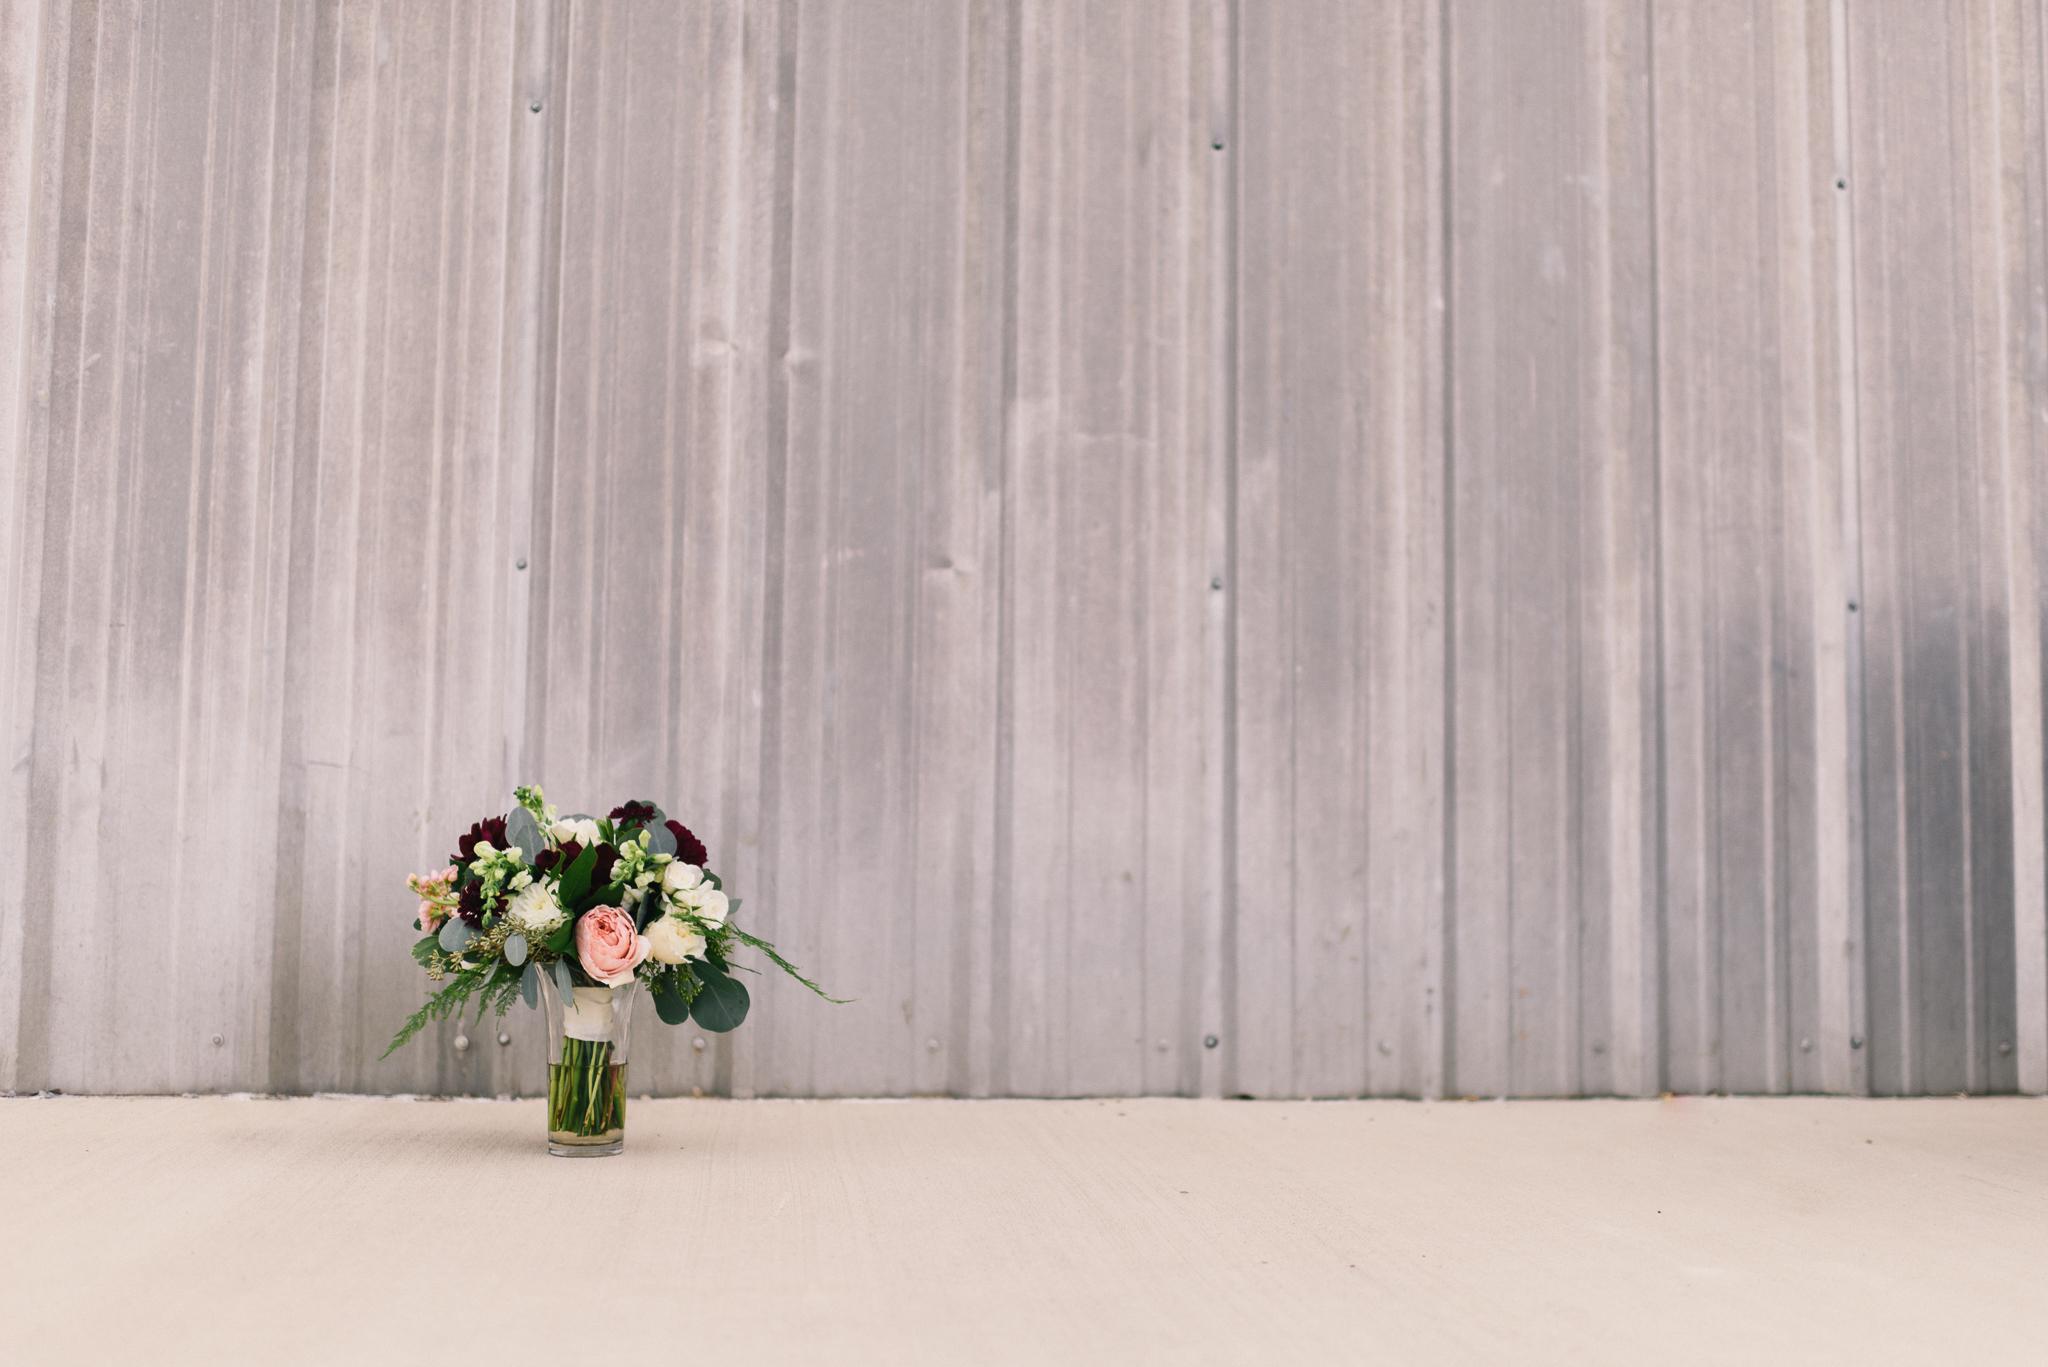 Wedding flowers sheet metal pop of color aluminum siding concrete bouquet